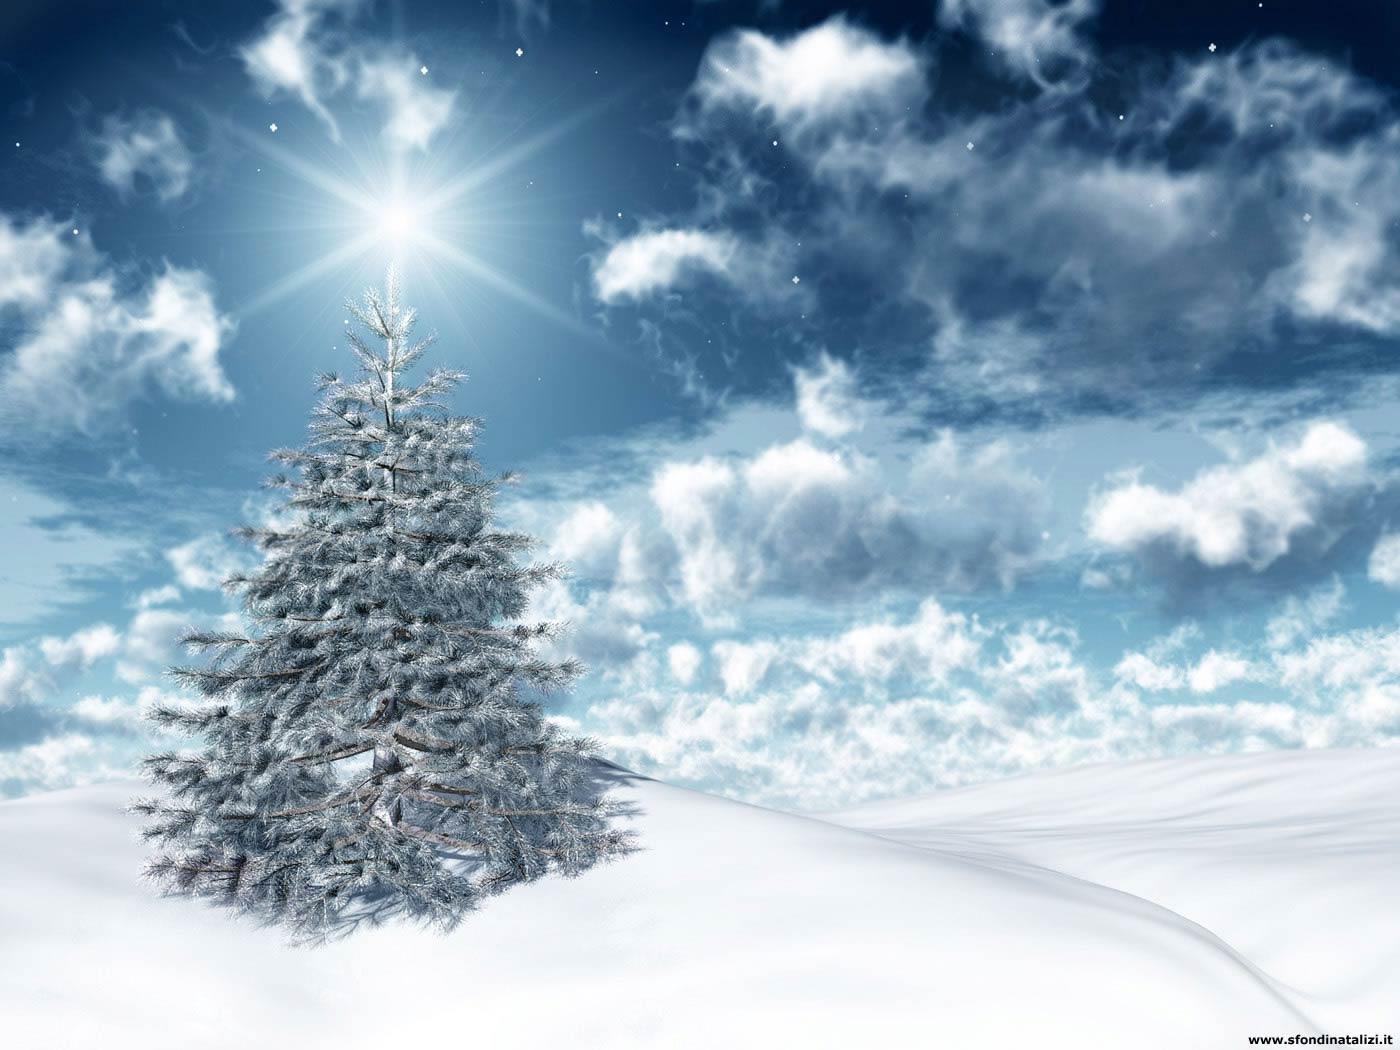 Sfondo desktop natale sfondi desktop albero di natale for Natale immagini per desktop